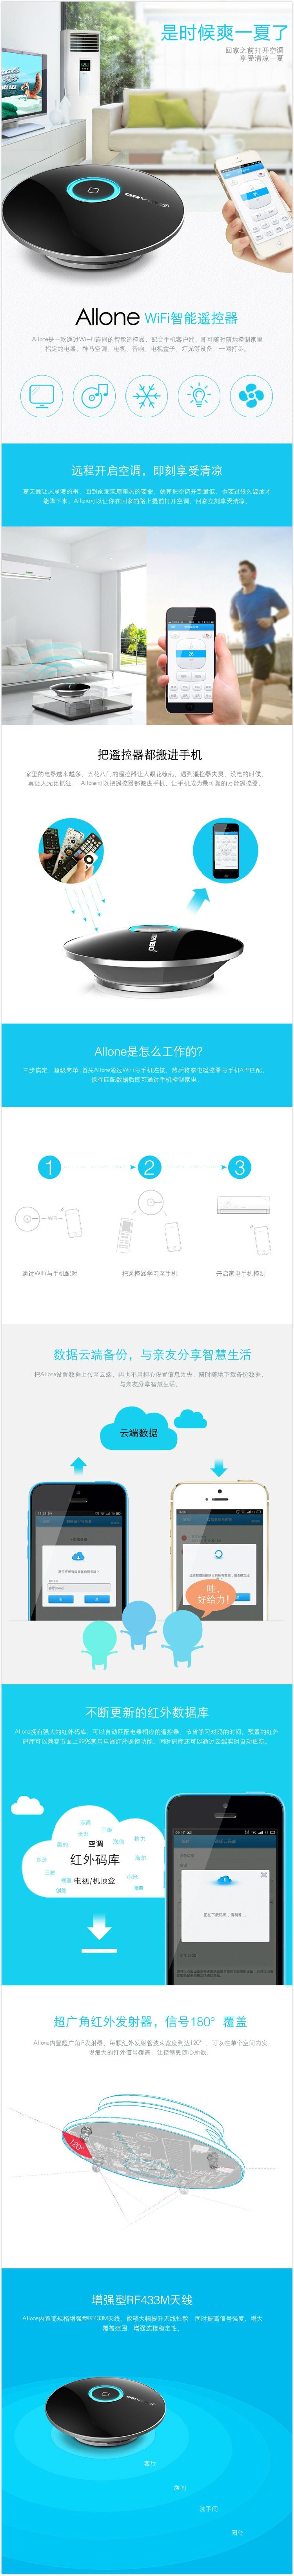 wifi远程遥控器